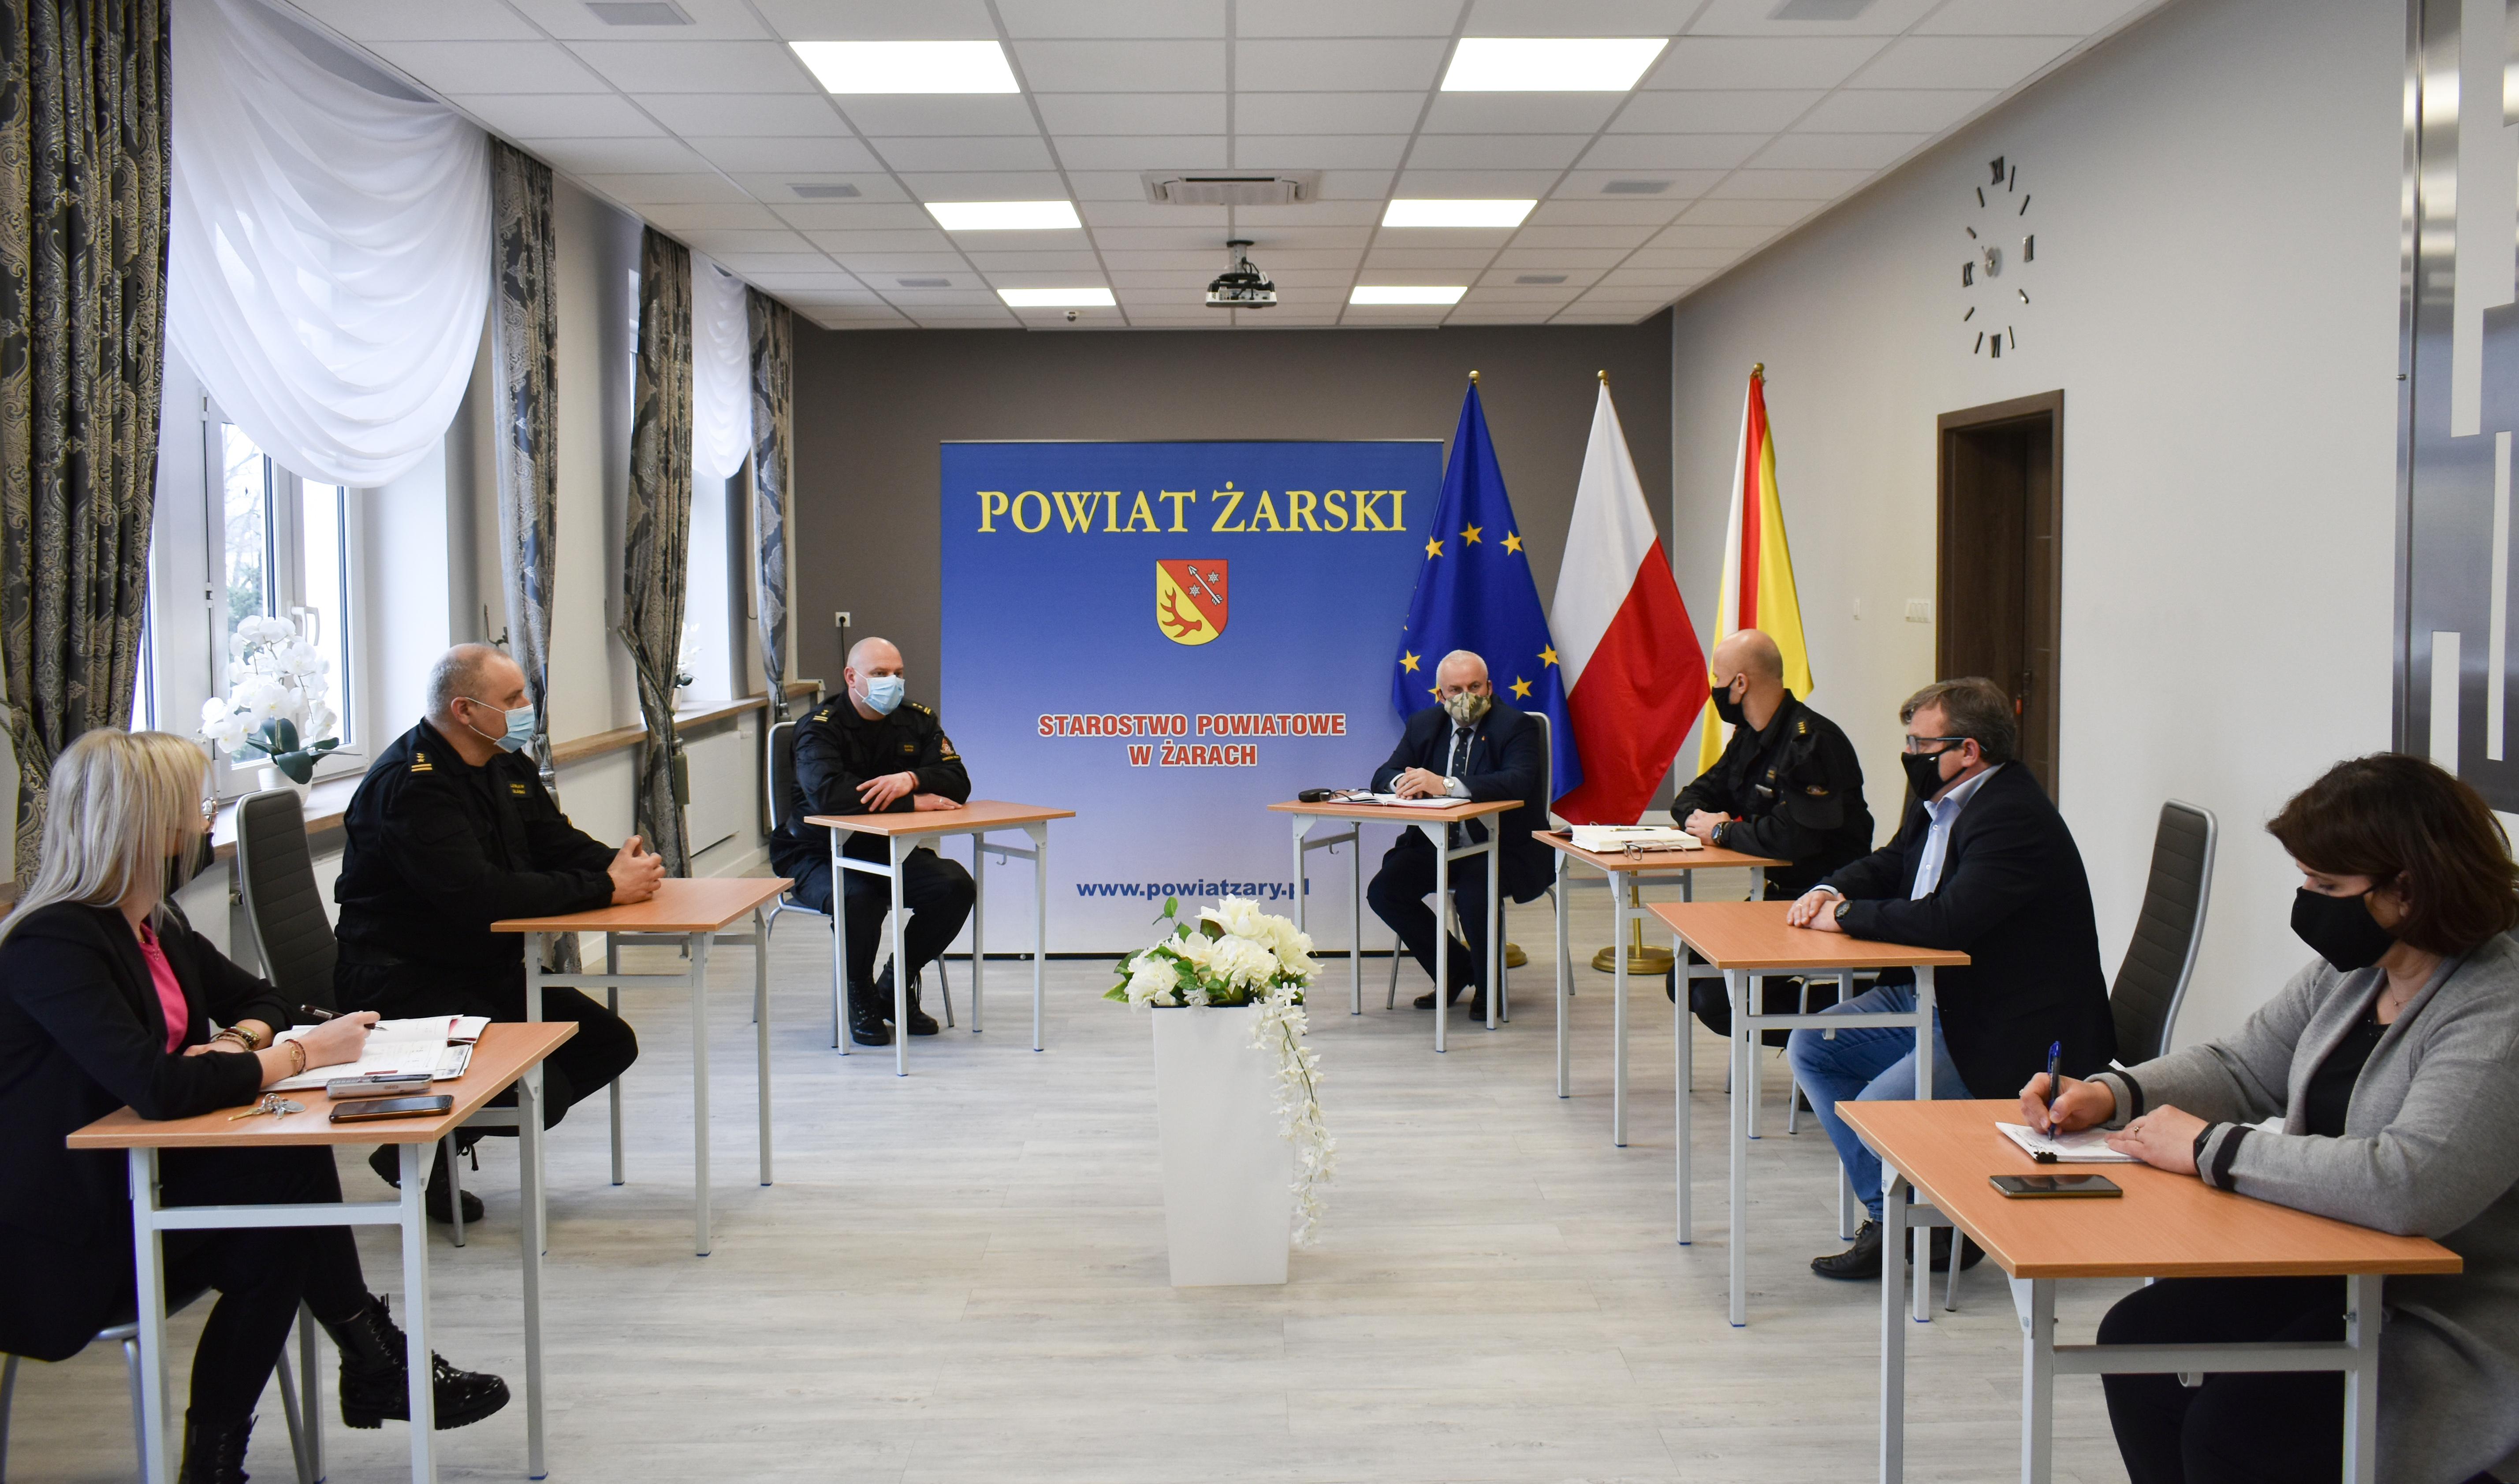 Ilustracja do informacji: Spotkanie Starosty z Zastępcą Lubuskiego Komendanta Wojewódzkiego PSP i Komendantem Powiatowym PSP w Żarach.